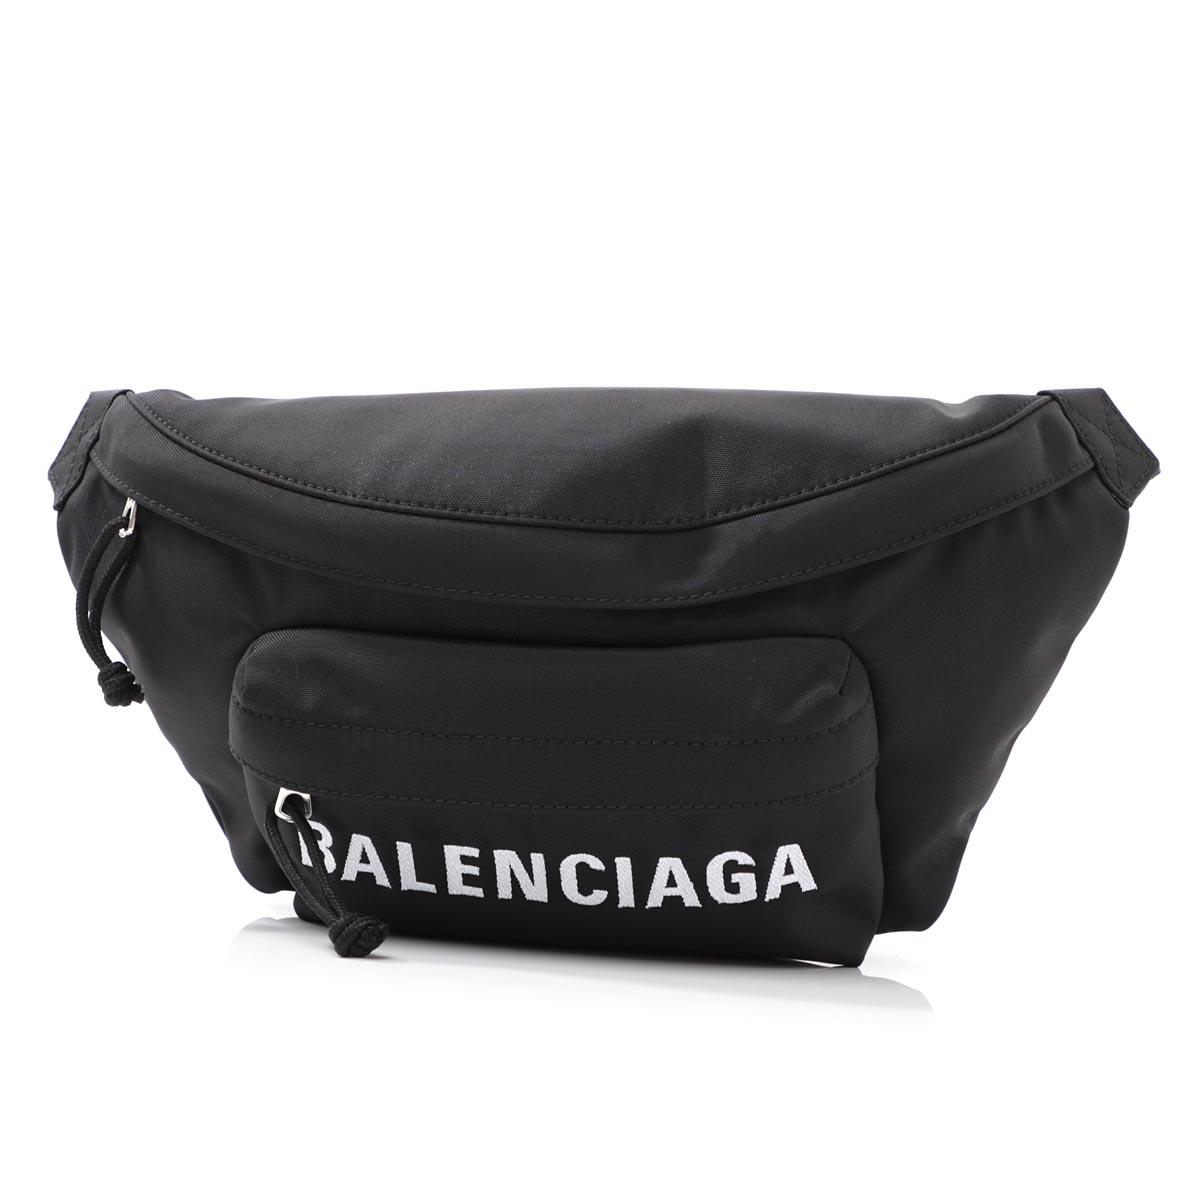 バレンシアガ BALENCIAGA ボディバッグ ブラック メンズ 533009 hpg1x 1090 WHEEL BELT PACK ウェール ベルト パック【_関東】【返品送料無料】【ラッピング無料】